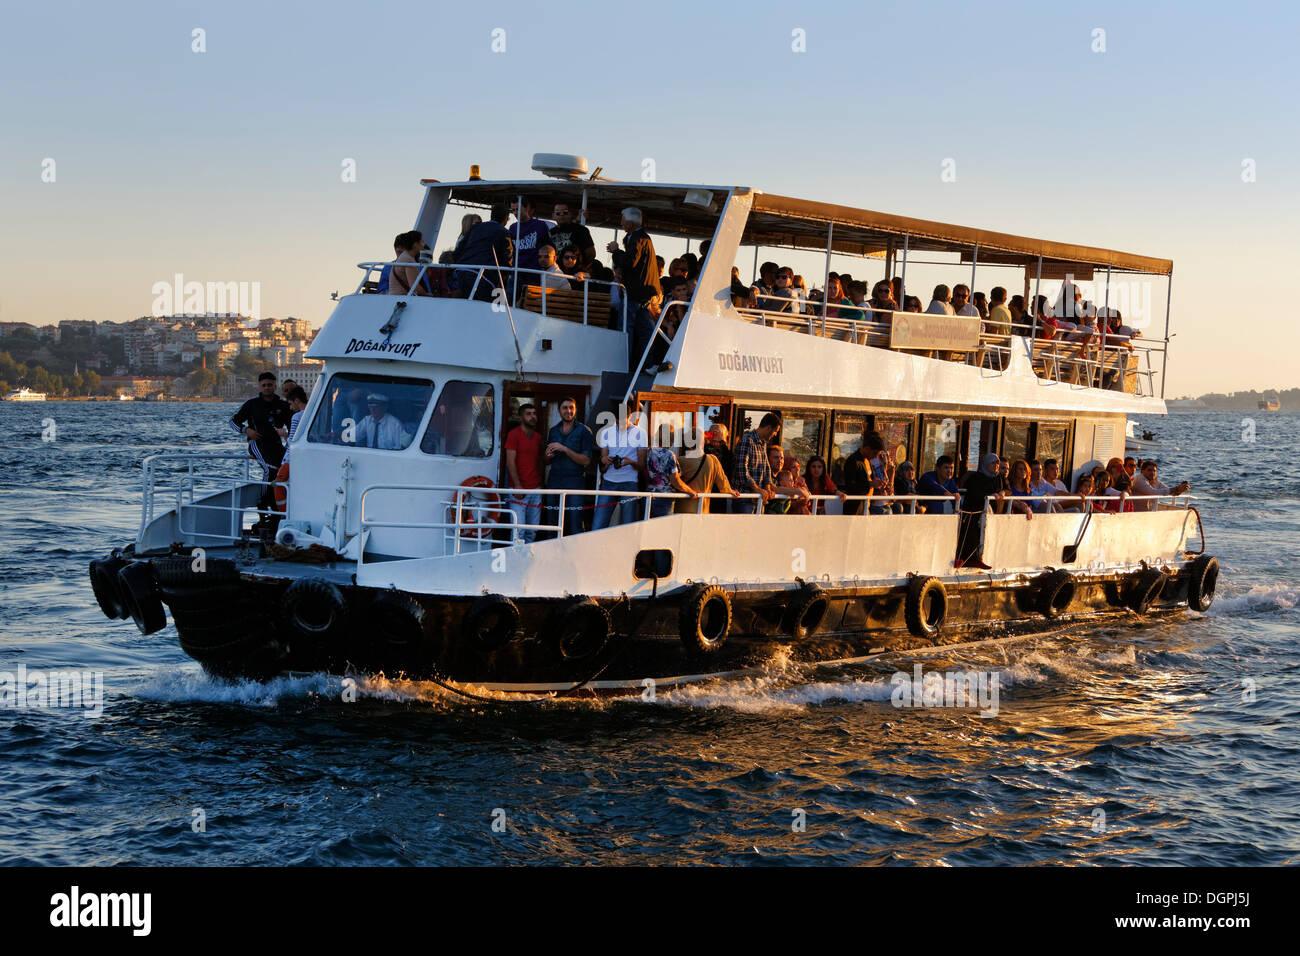 Passenger ship on the Bosphorus, view from Ortaköy, Bosporus, Ortaköy, Besiktas, Istanbul, Istanbul Province, Turkey - Stock Image